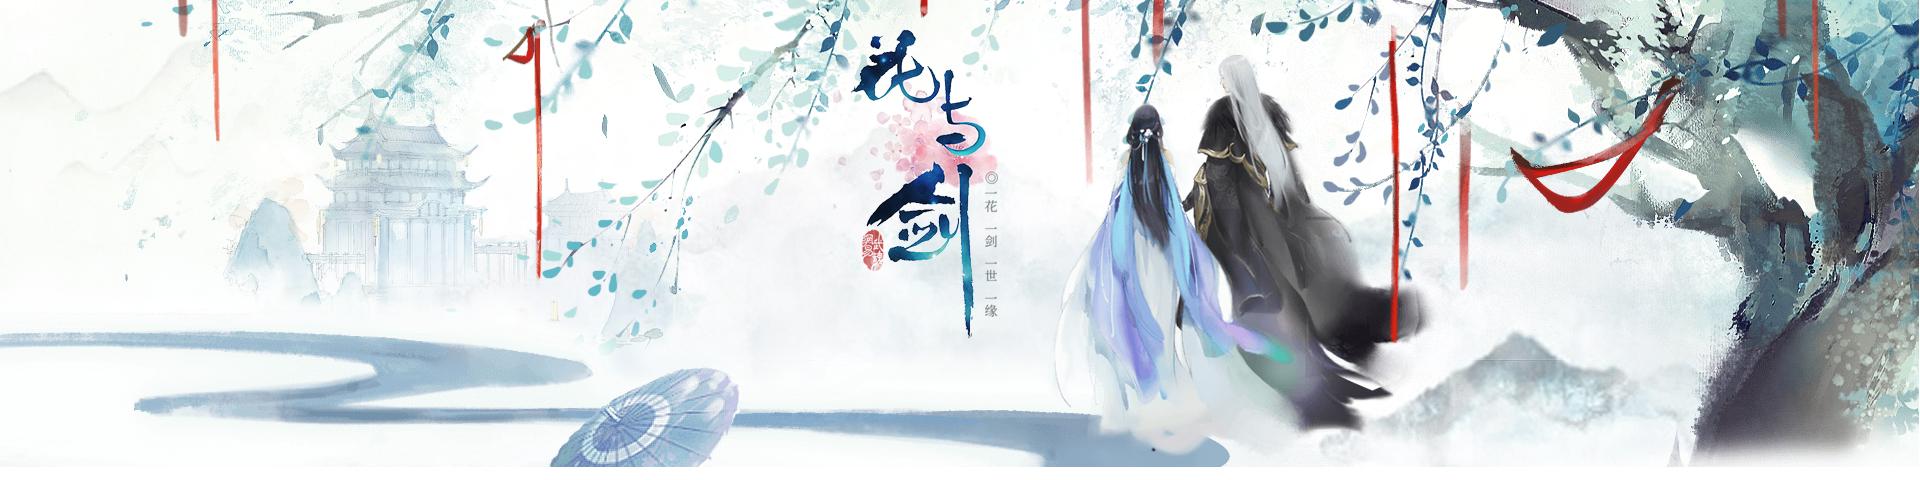 花与剑手游最新版v1.3.15.2 安卓版